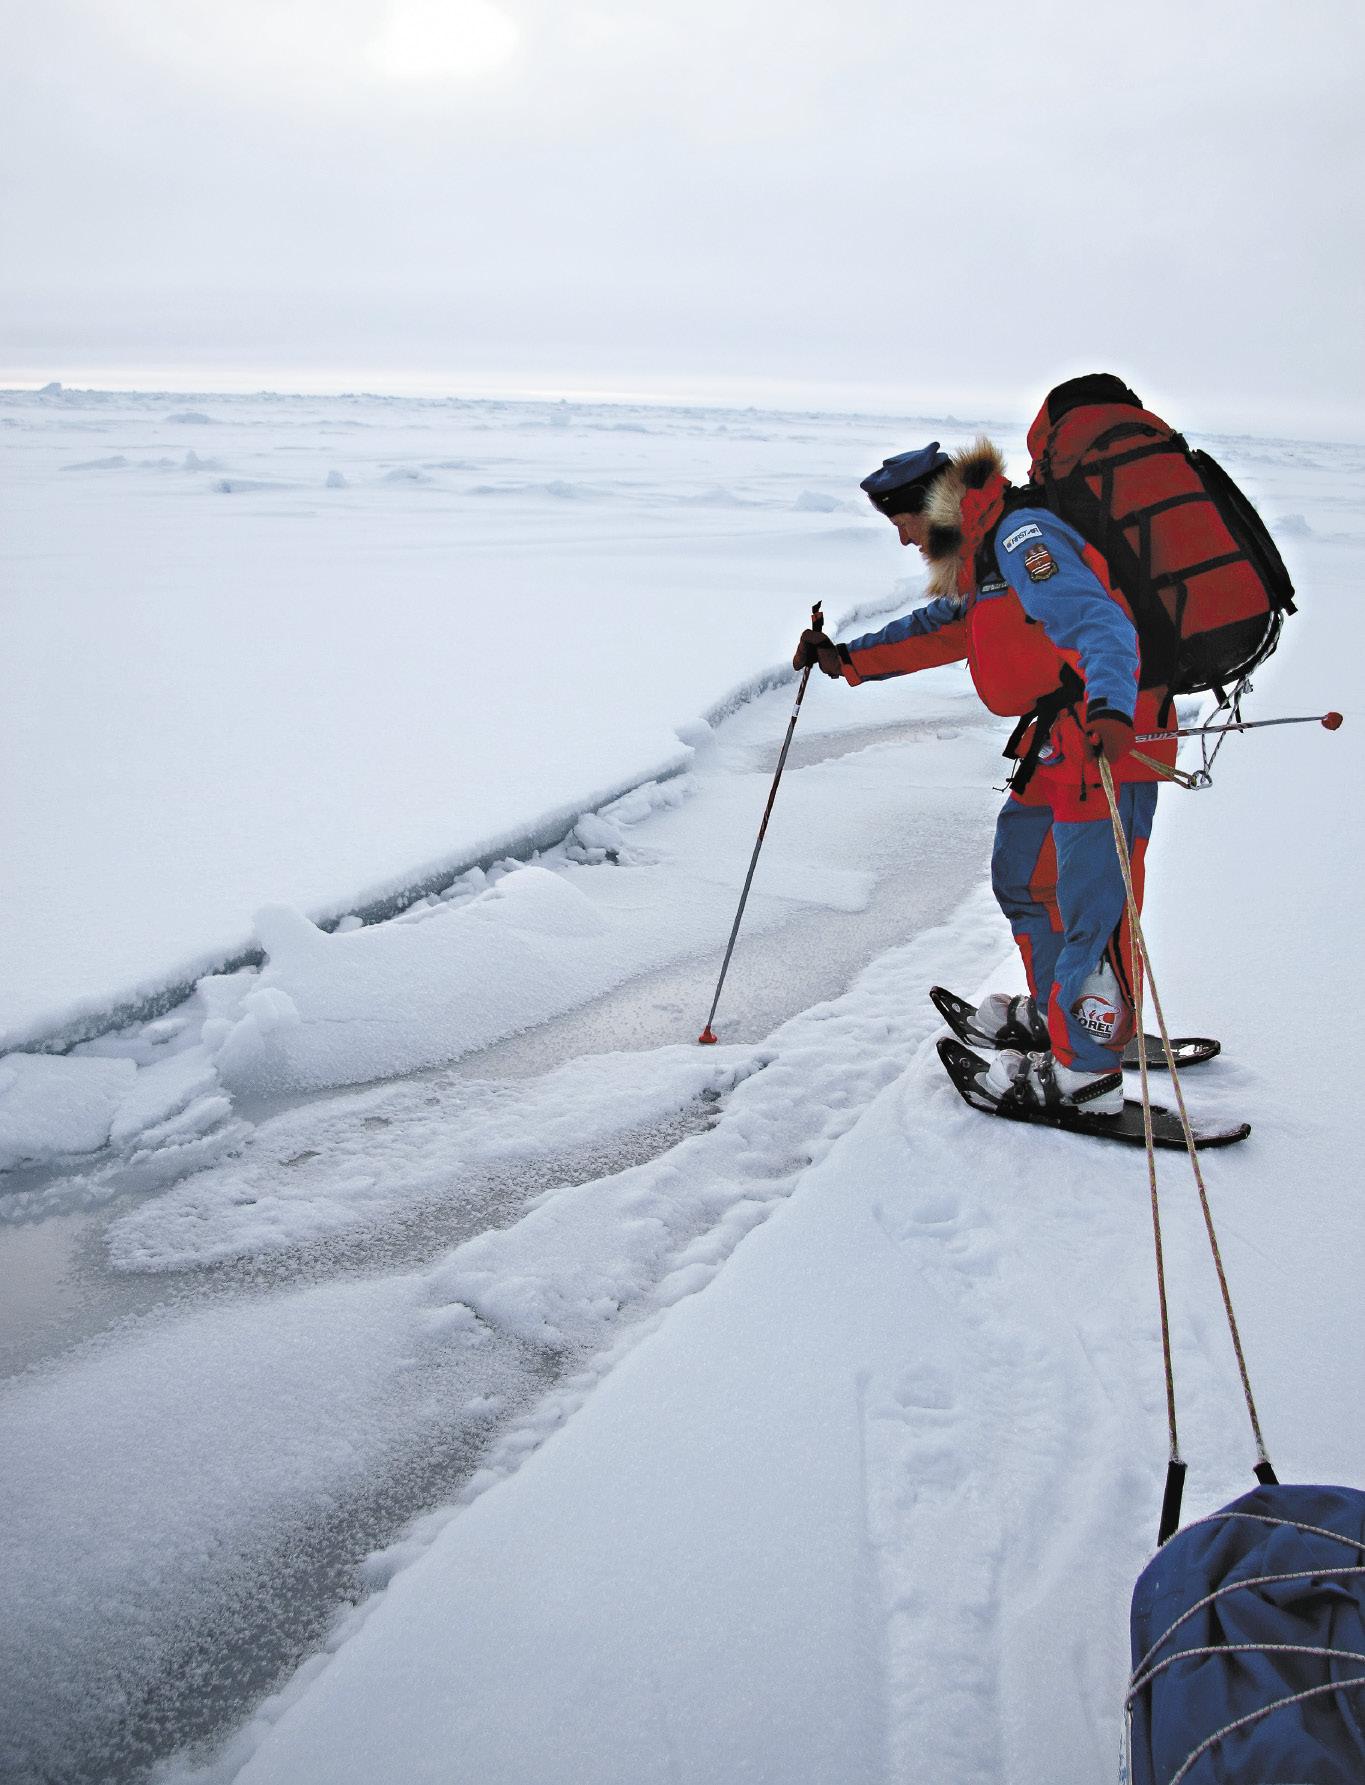 Никто еще не смог повторить полярную экспедицию Михаила Малахова и Ричарда Вебера, которые прошли по дрейфующим льдам более 2000 километров!